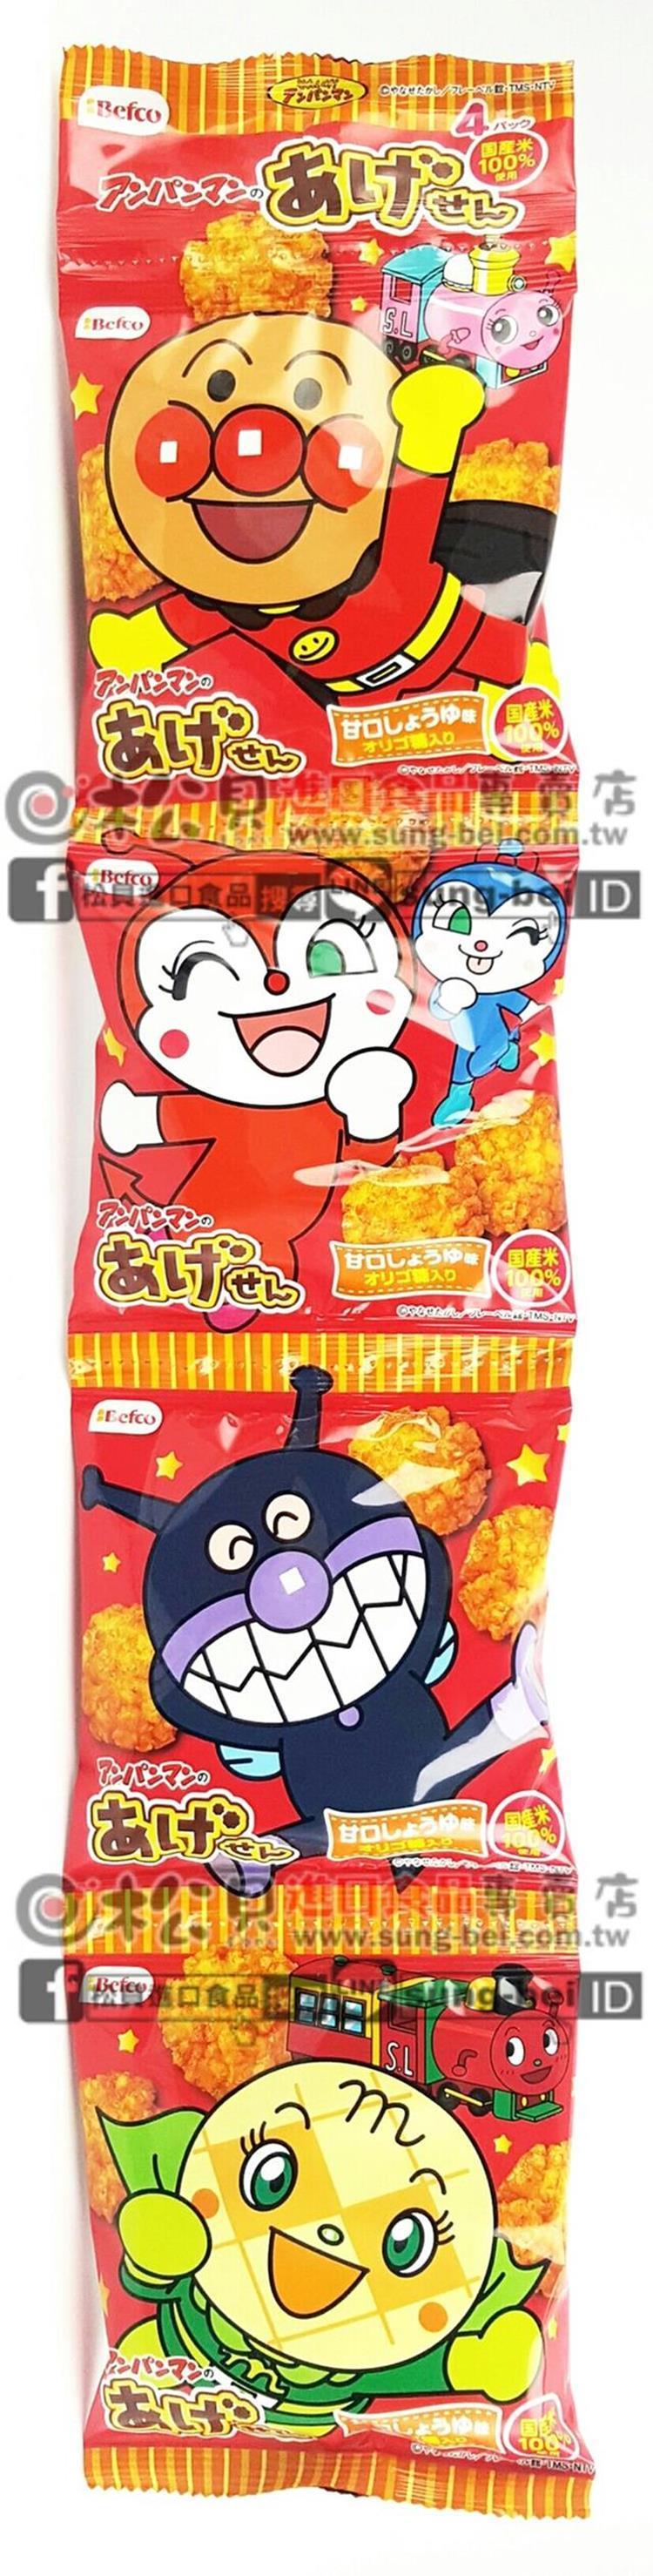 《松貝》栗山麵包超人醬油米果4連60g【4901336508764】bd38